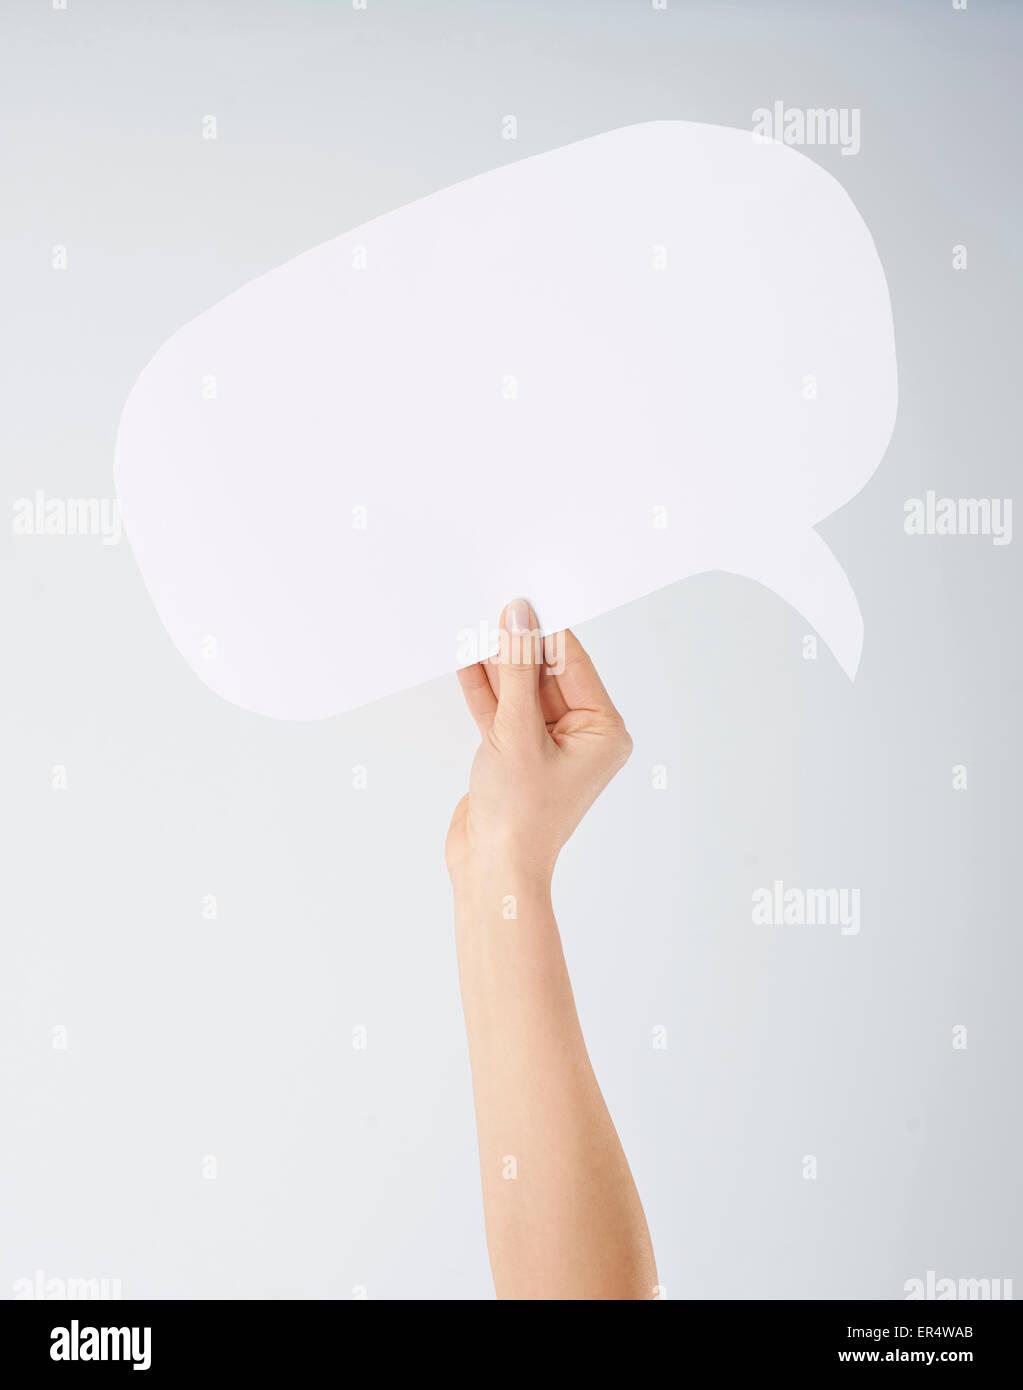 Mano azienda vuoto discorso bolla. Debica, Polonia Immagini Stock